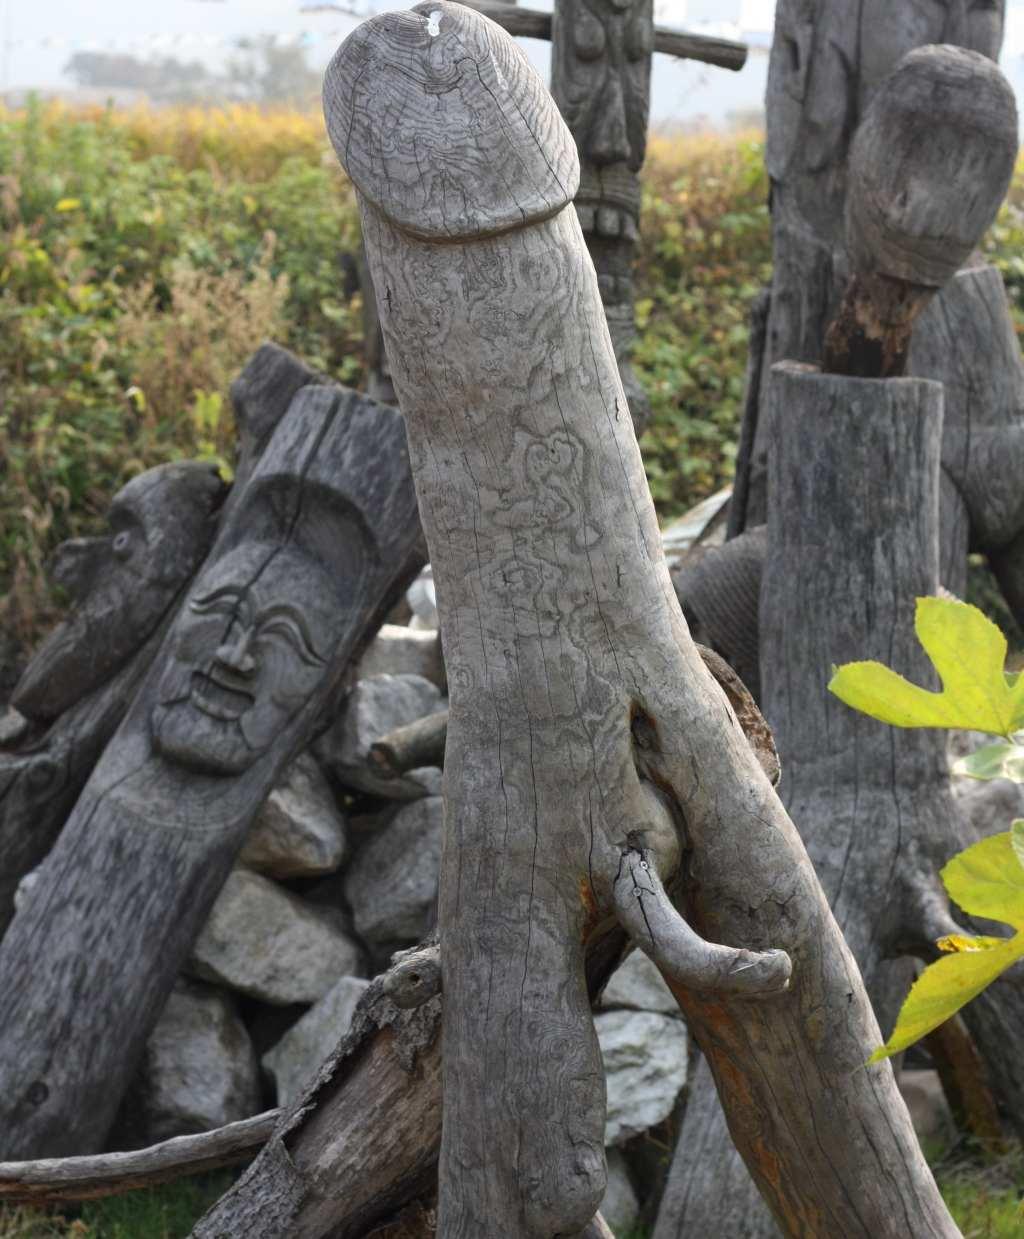 Korean fertility totems